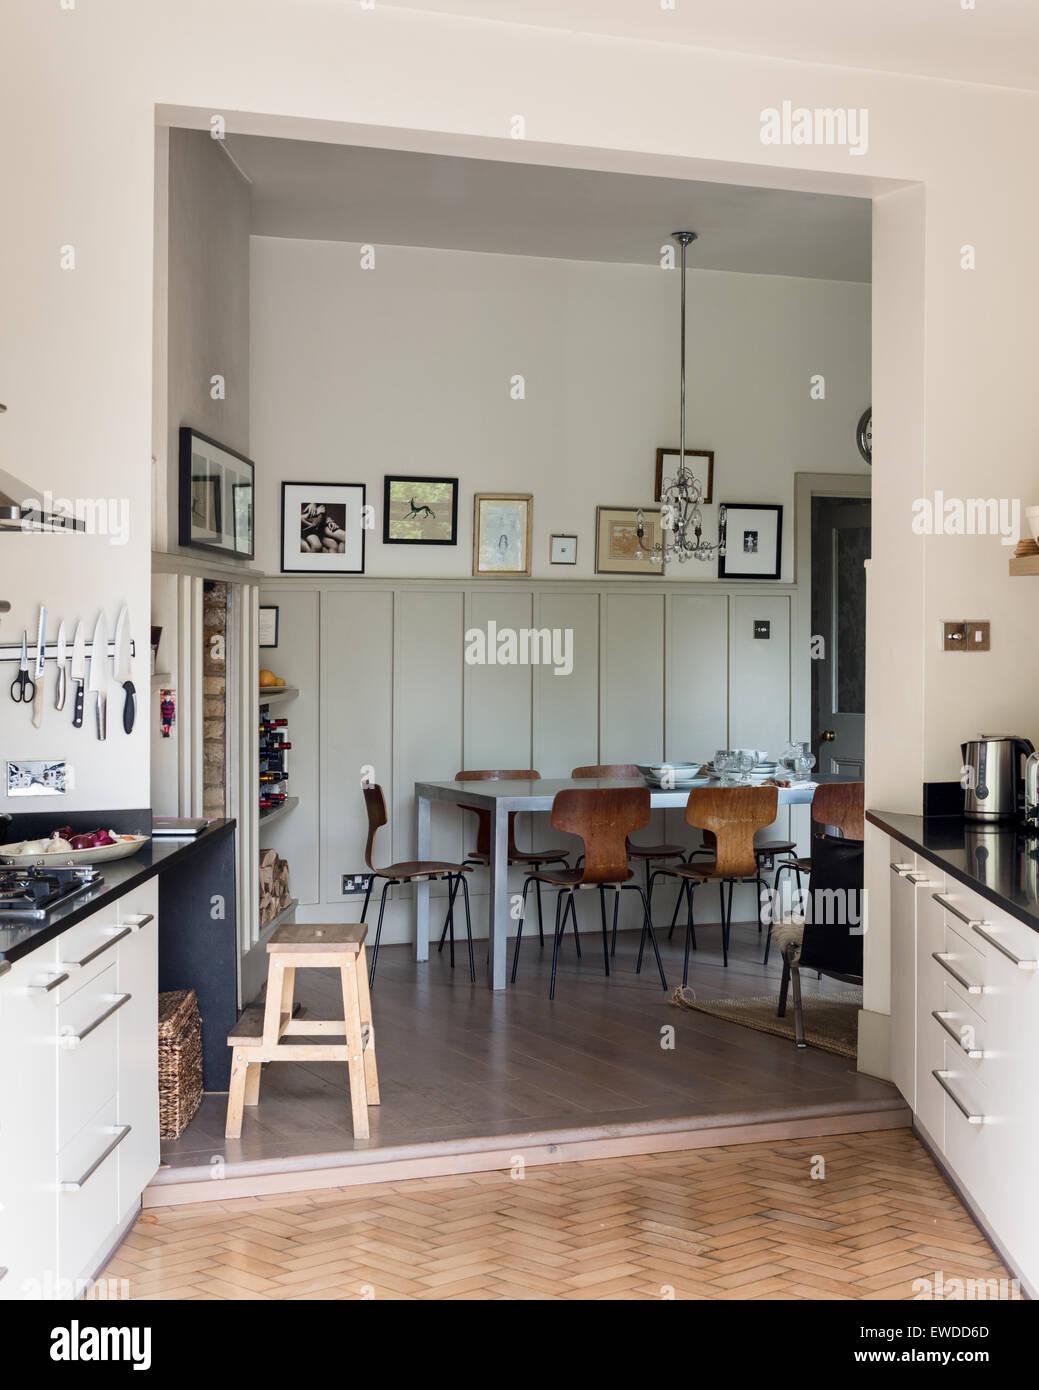 PK Stühle Tisch In Offene Küche, Essbereich Mit Parkett